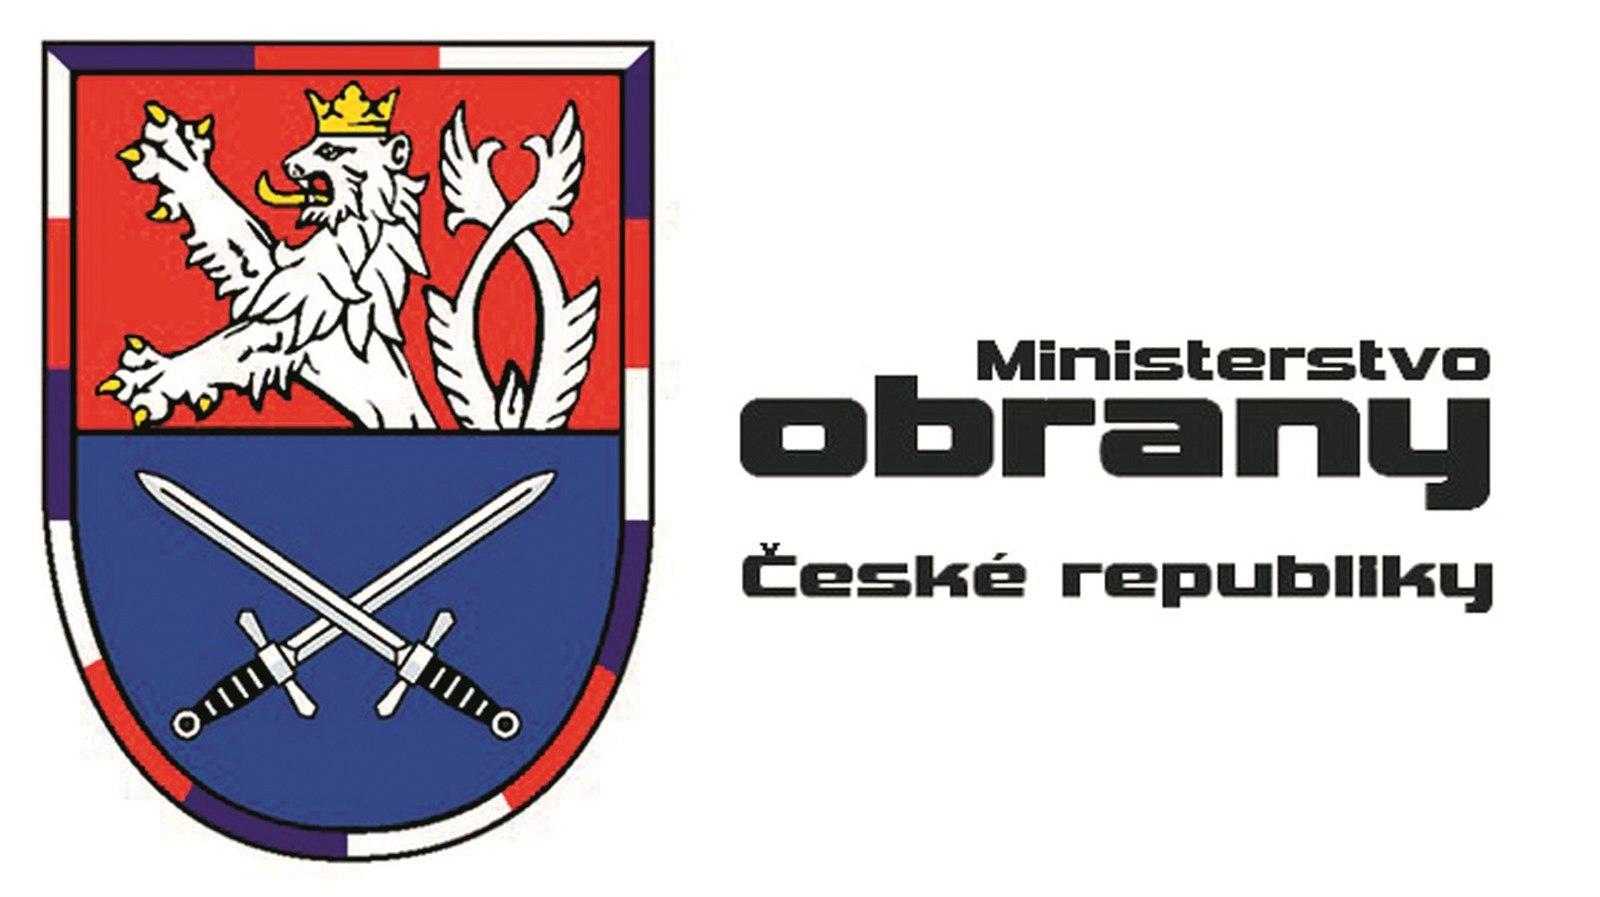 ERT51c0ba_ministerstvo_obrany